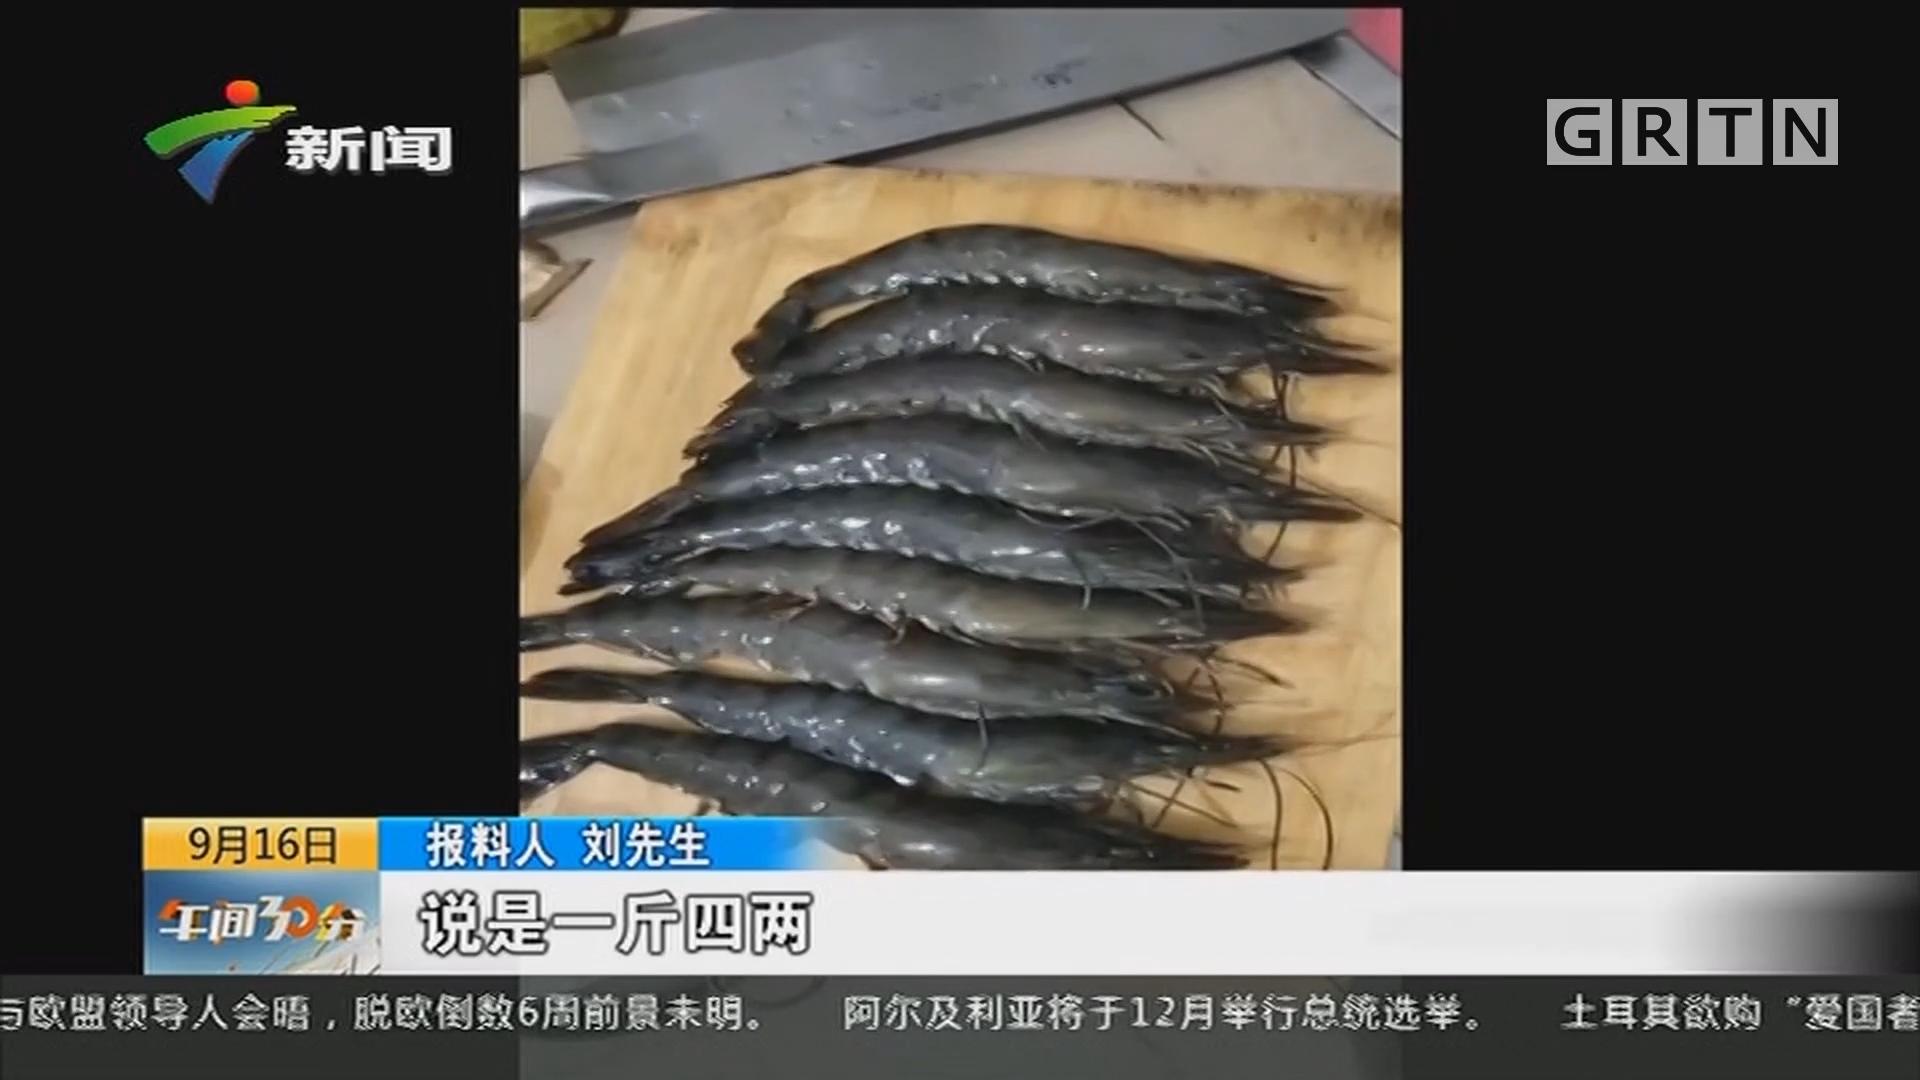 佛山海宝湾水产市场:买1.4斤虾 足足缺斤短两近一半?